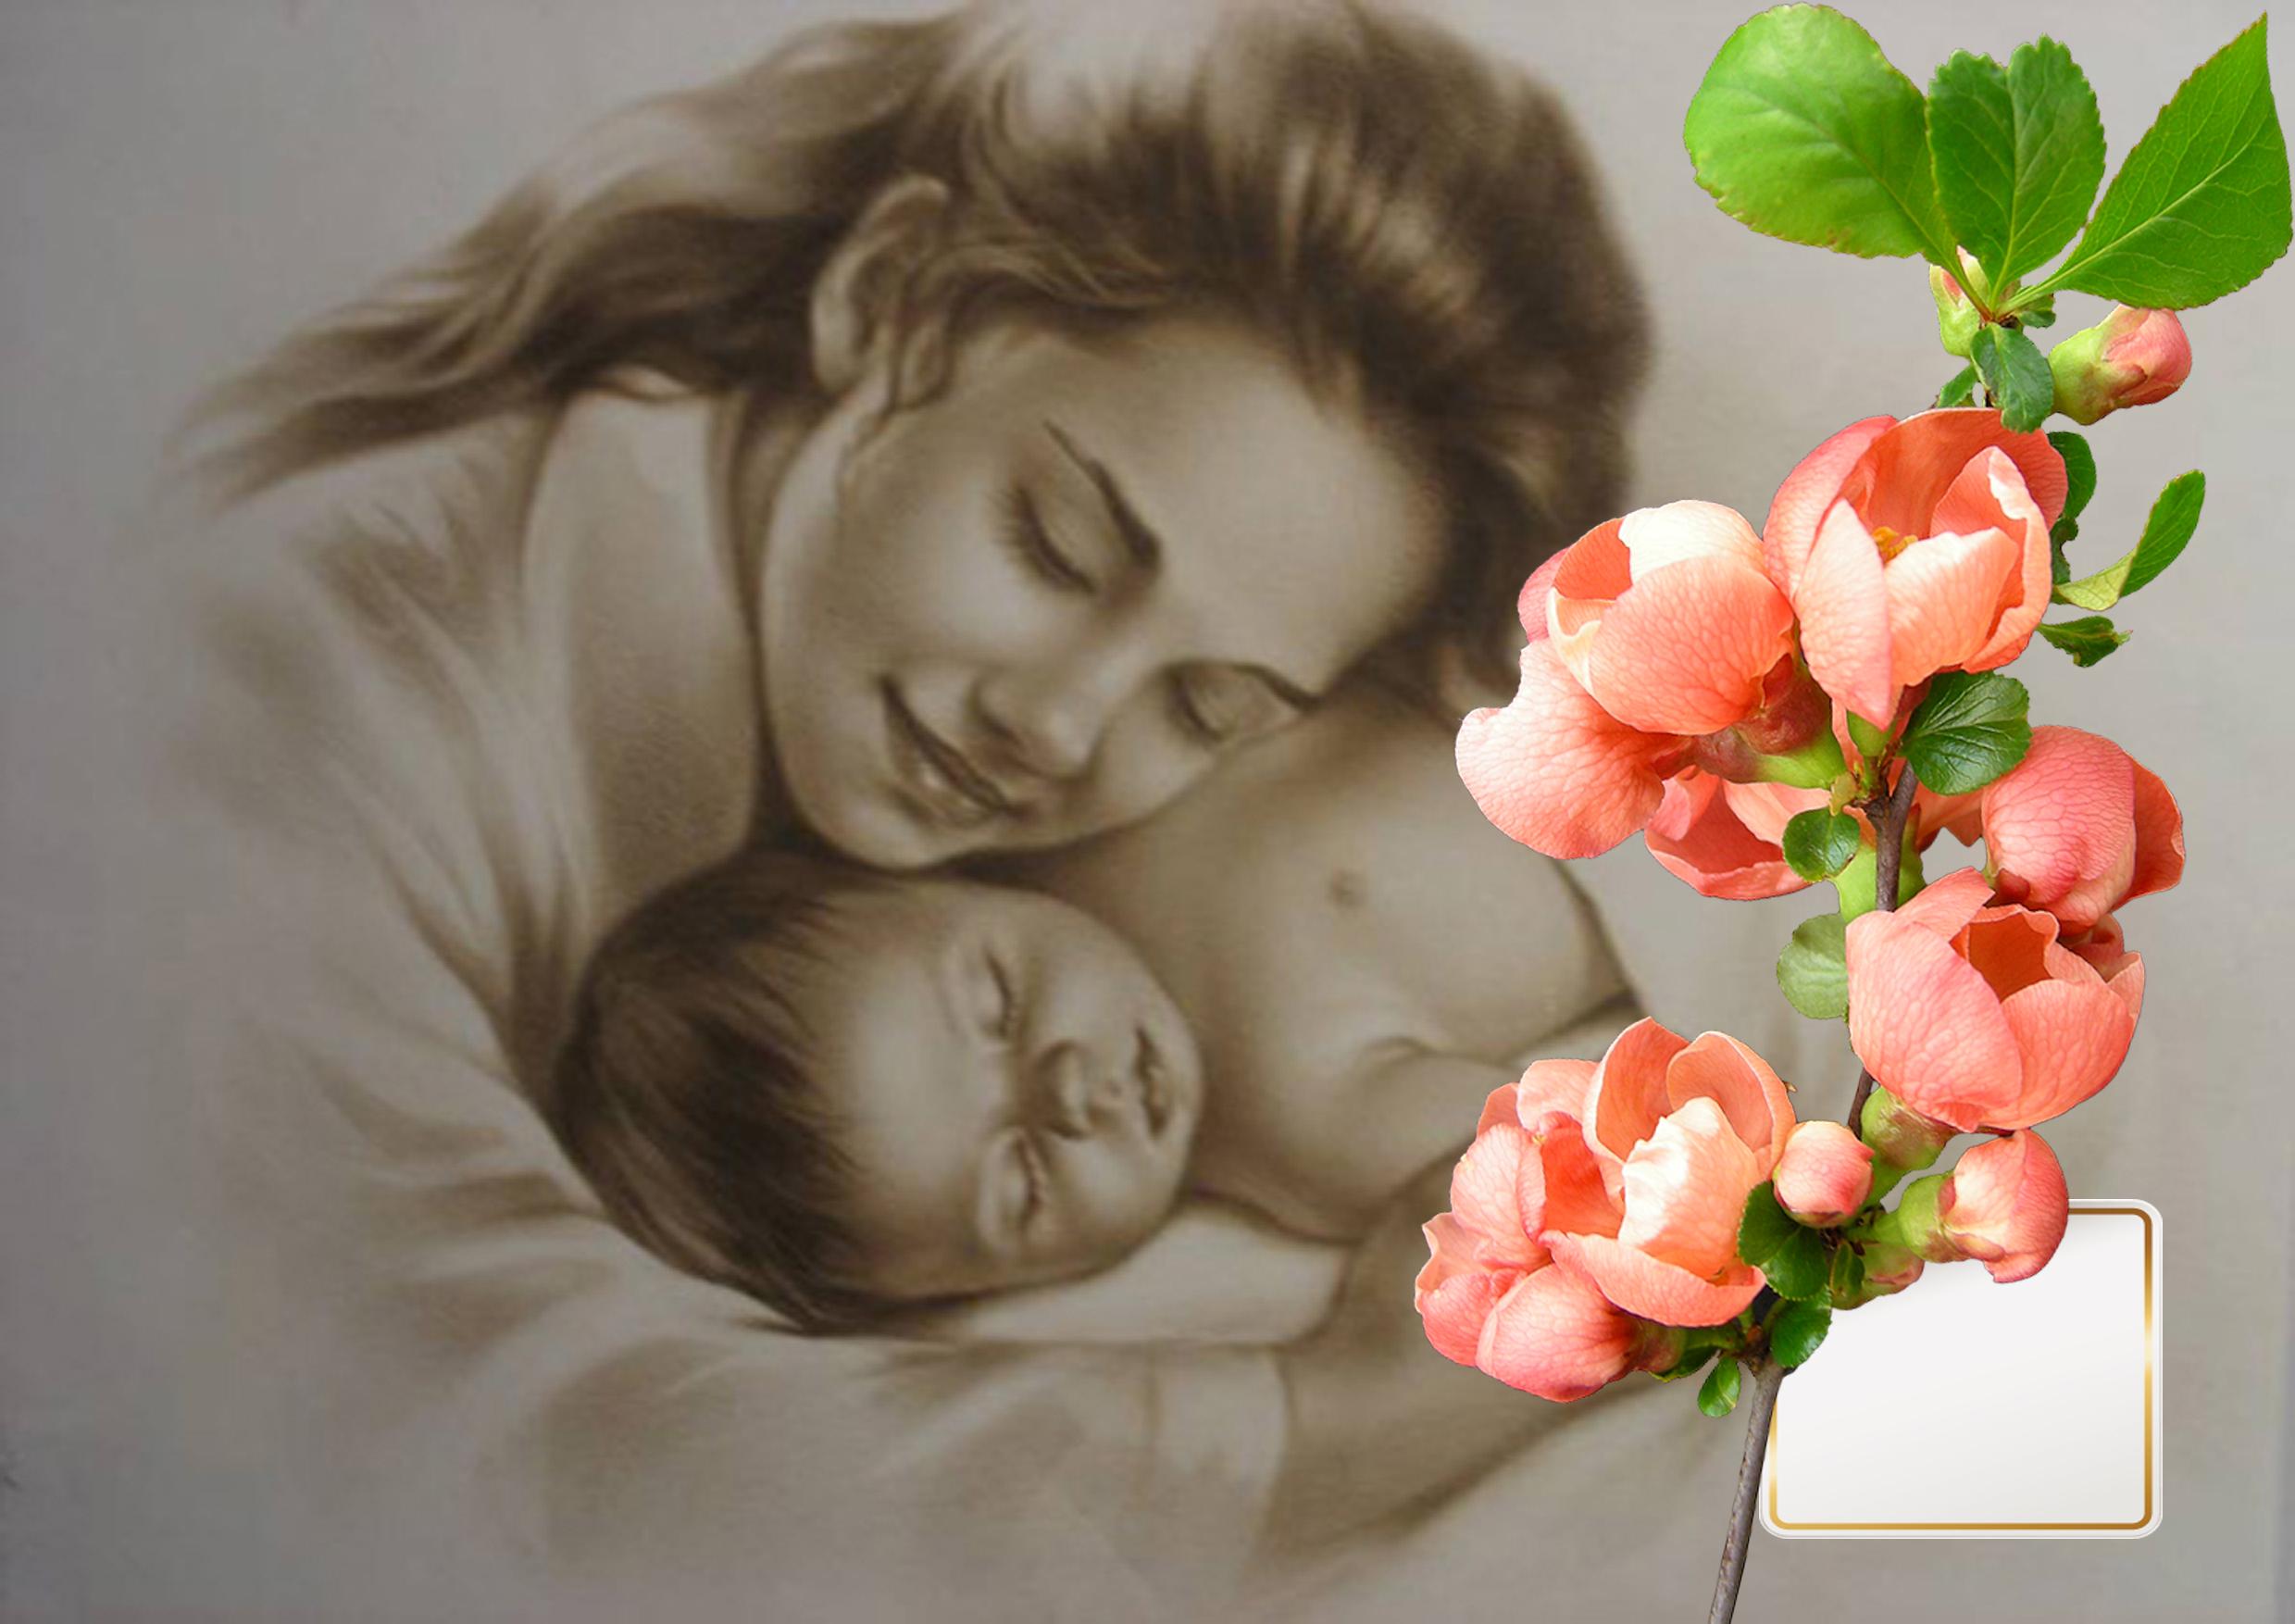 Сын исполнил все фантазии мамы 24 фотография